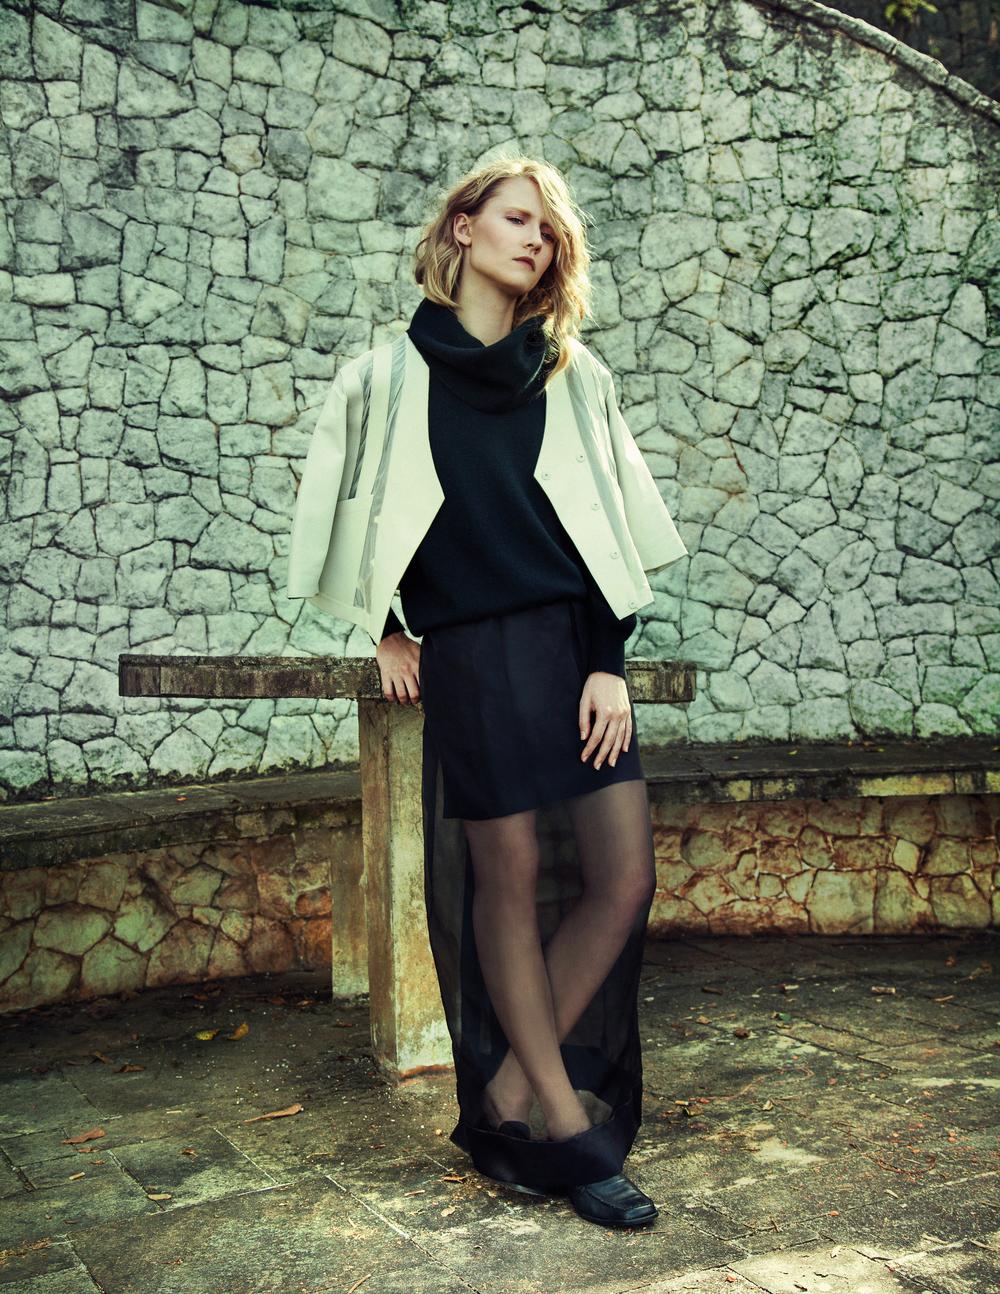 Jaqueta branca de couro e organza Gloria Coelho, Tricot de gola preto vintage, vestido longo organza Pedro Lourenço, sapato Vintage.